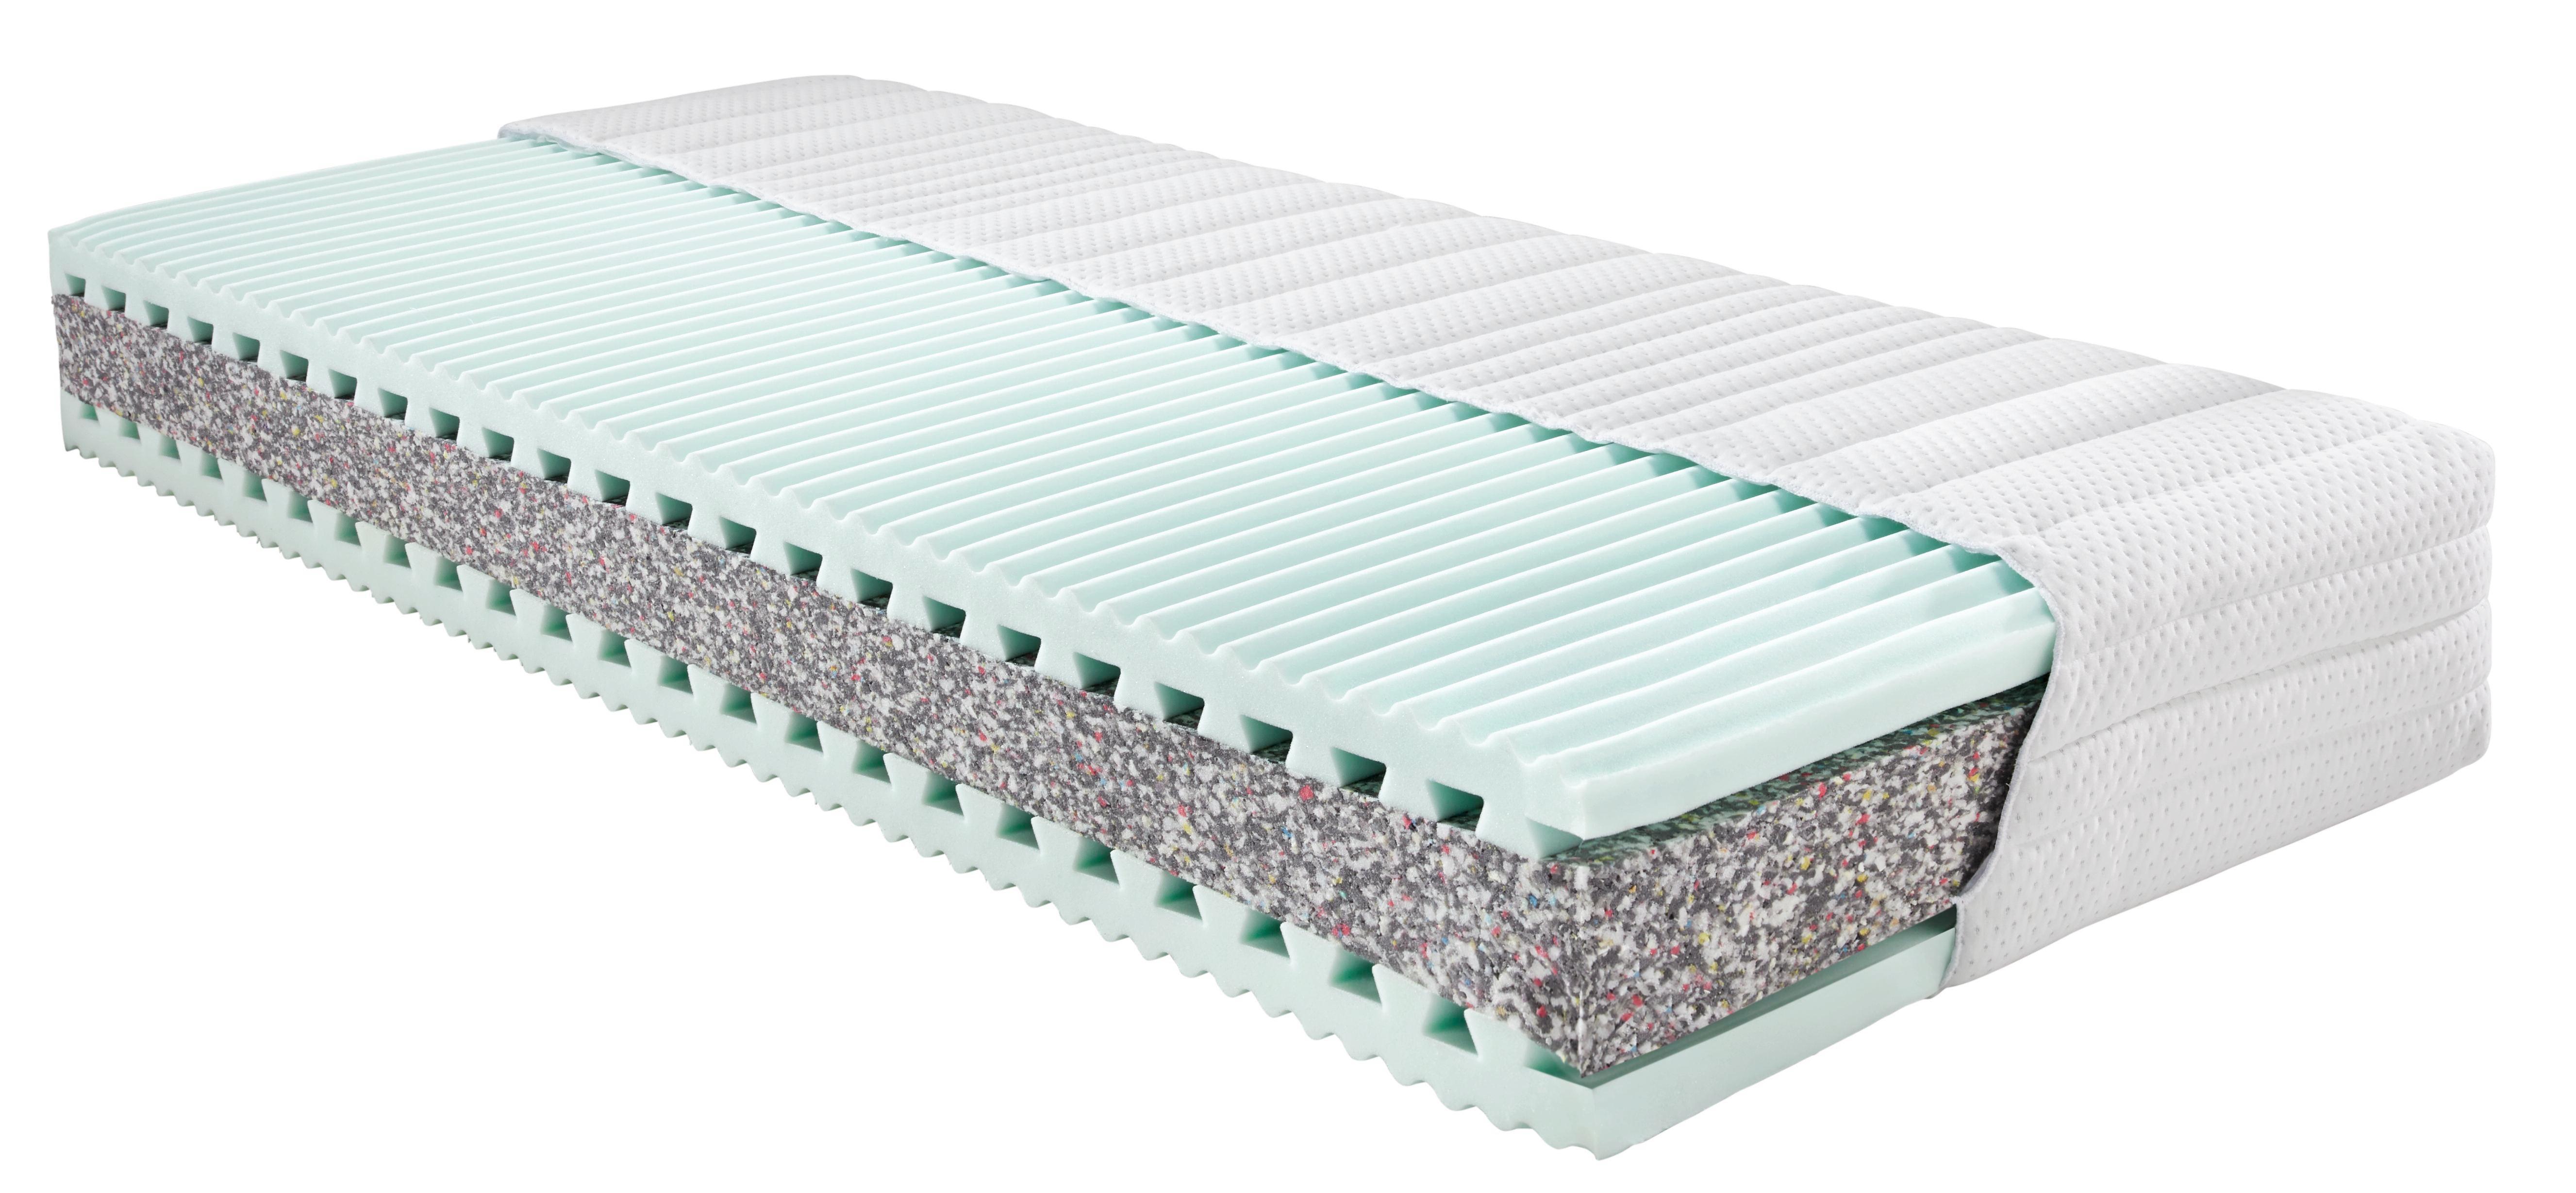 Komfortschaummatratze ca. 120x200cm - Weiß, Textil (200/120/25cm) - NADANA